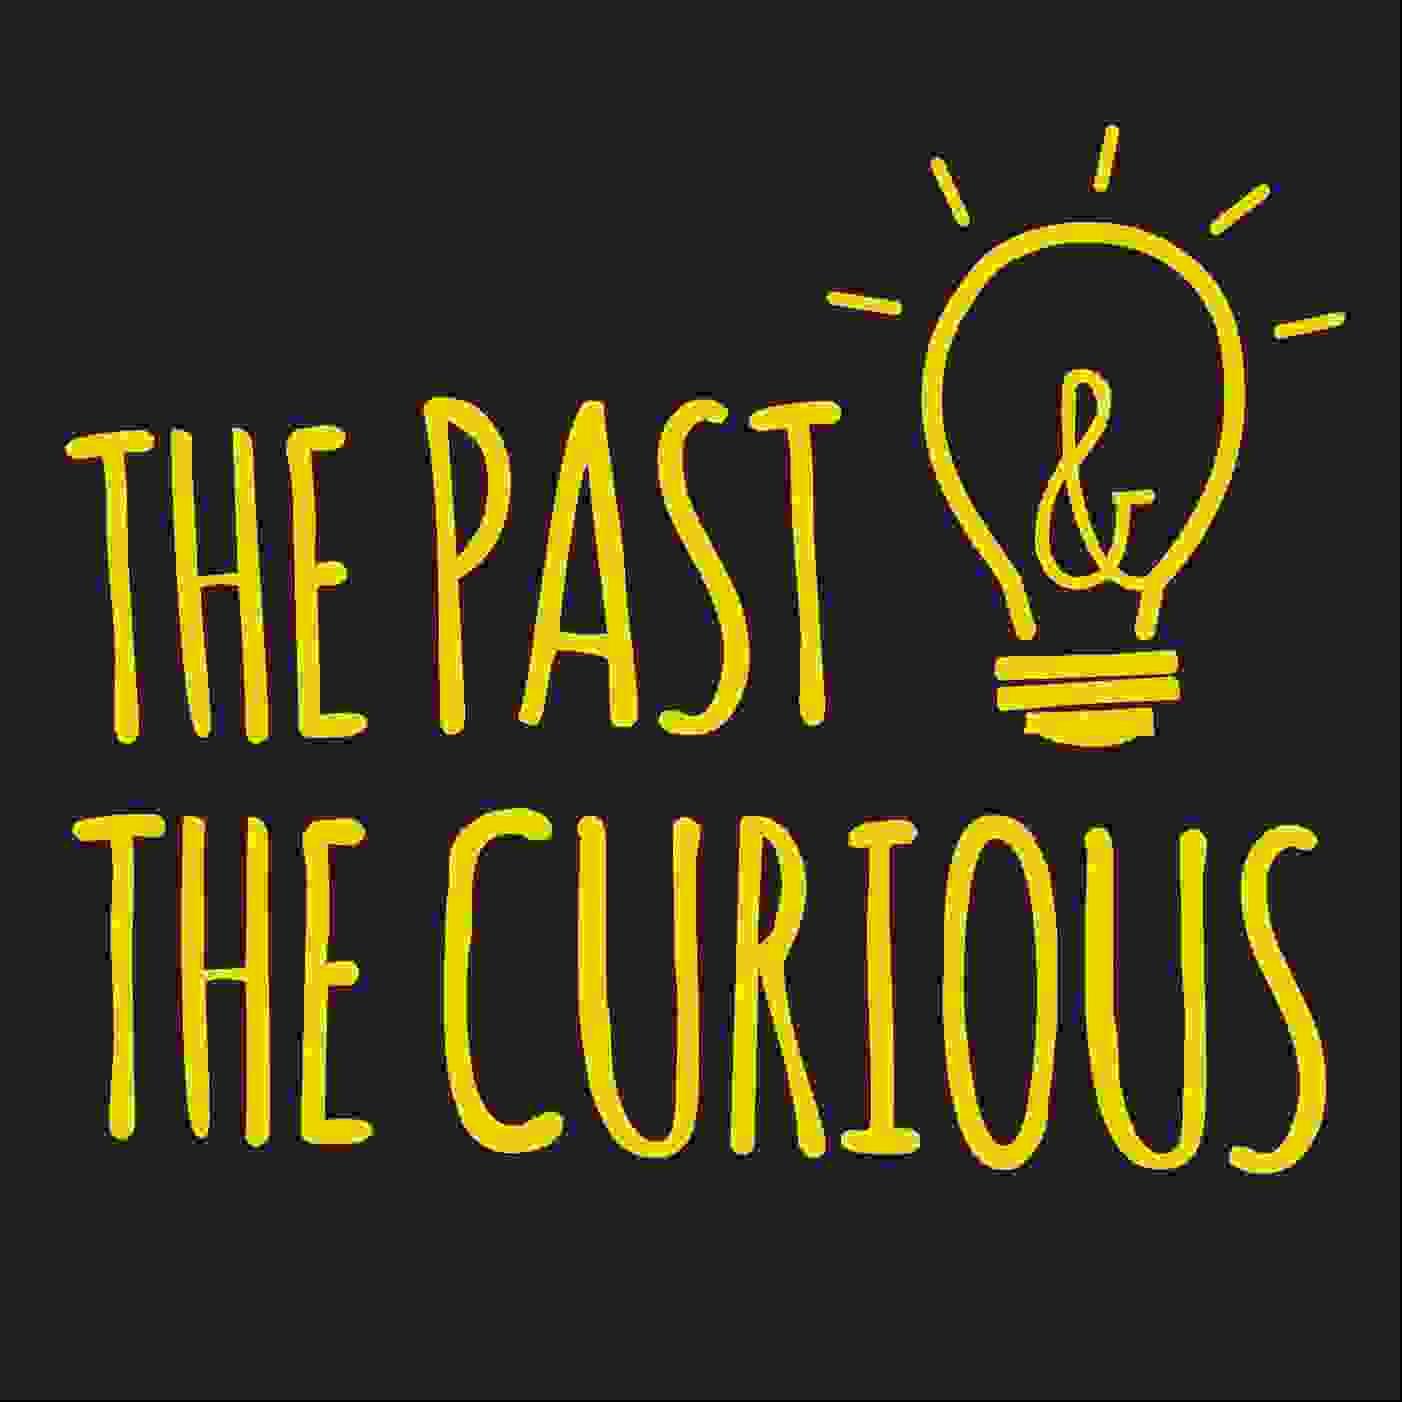 ذا باست أند ذا كيوريوس (The Past and The Curious)